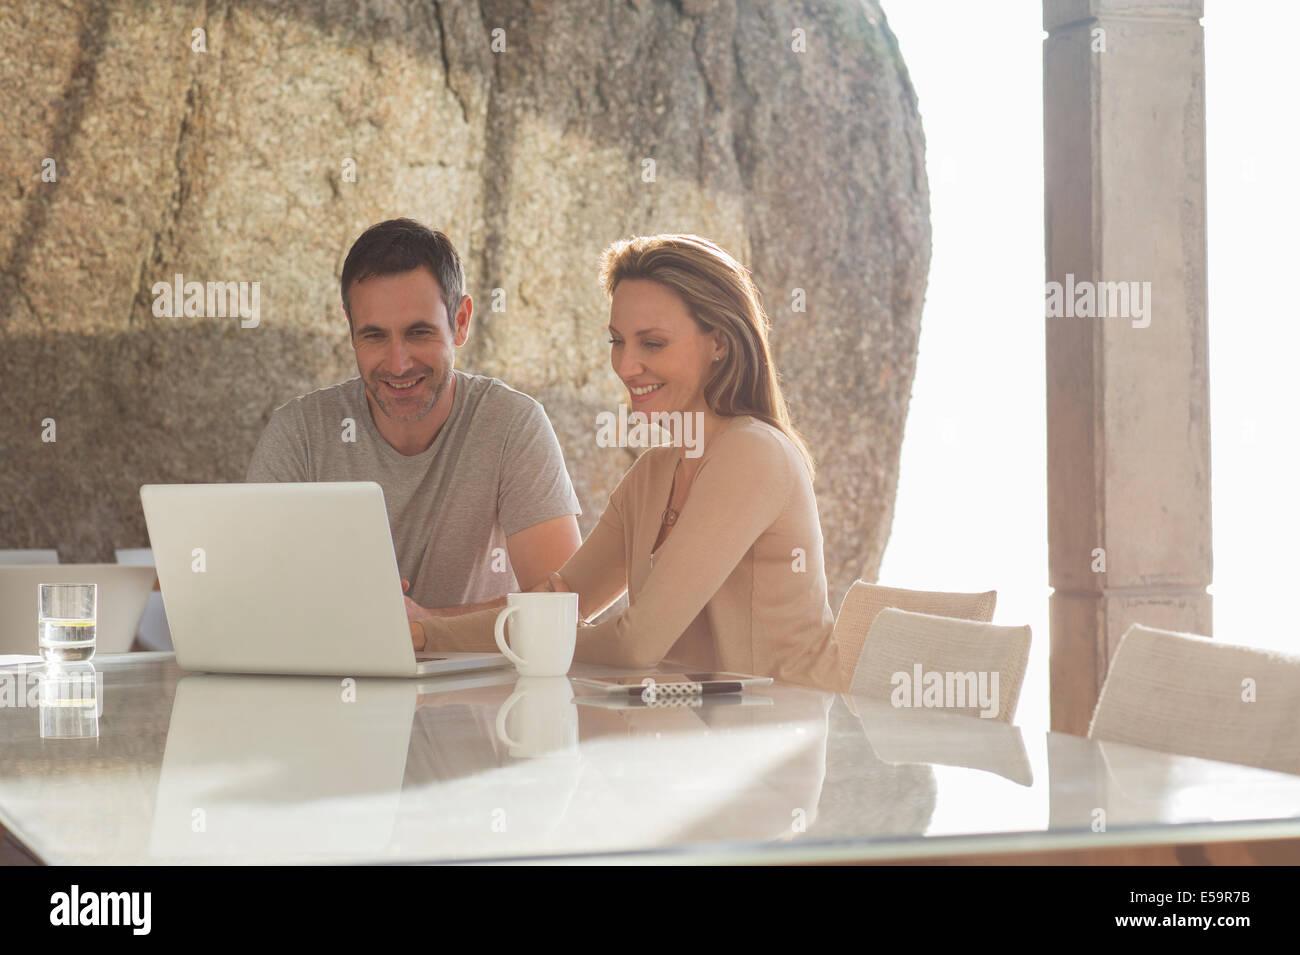 Paio utilizzando laptop a colazione Immagini Stock